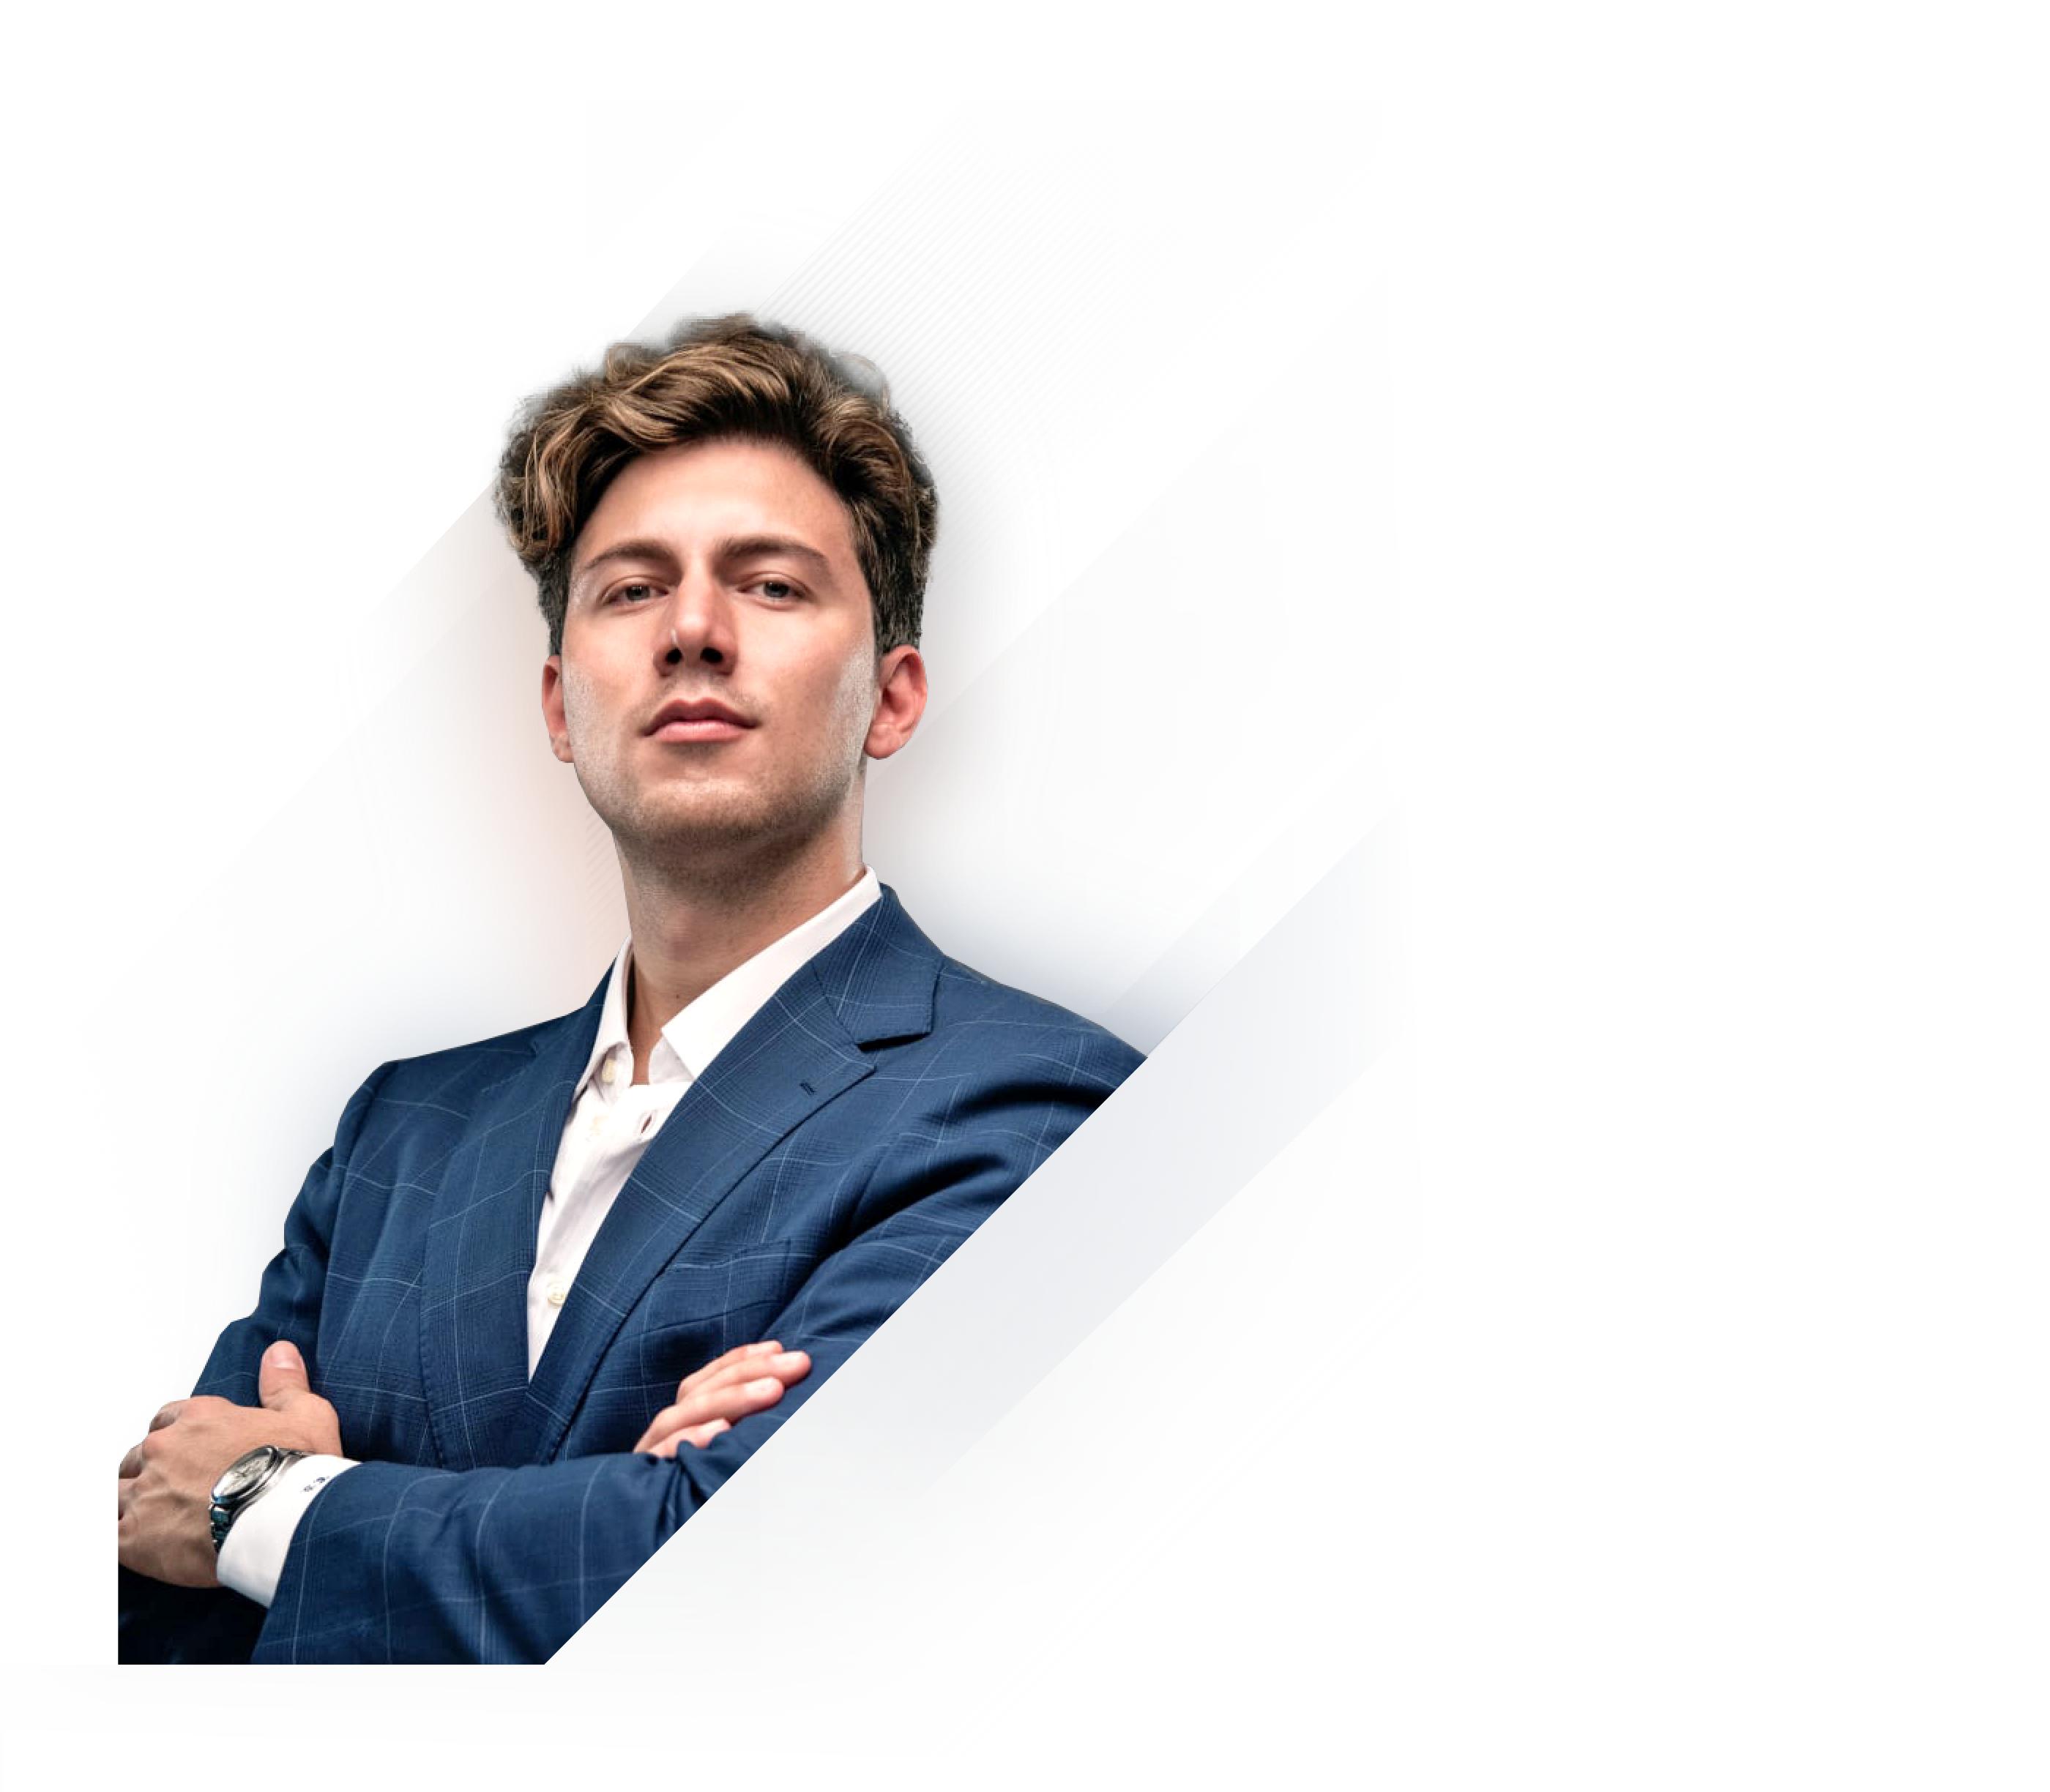 IT_Trading course-Cristoforo Giordano_KV@2x